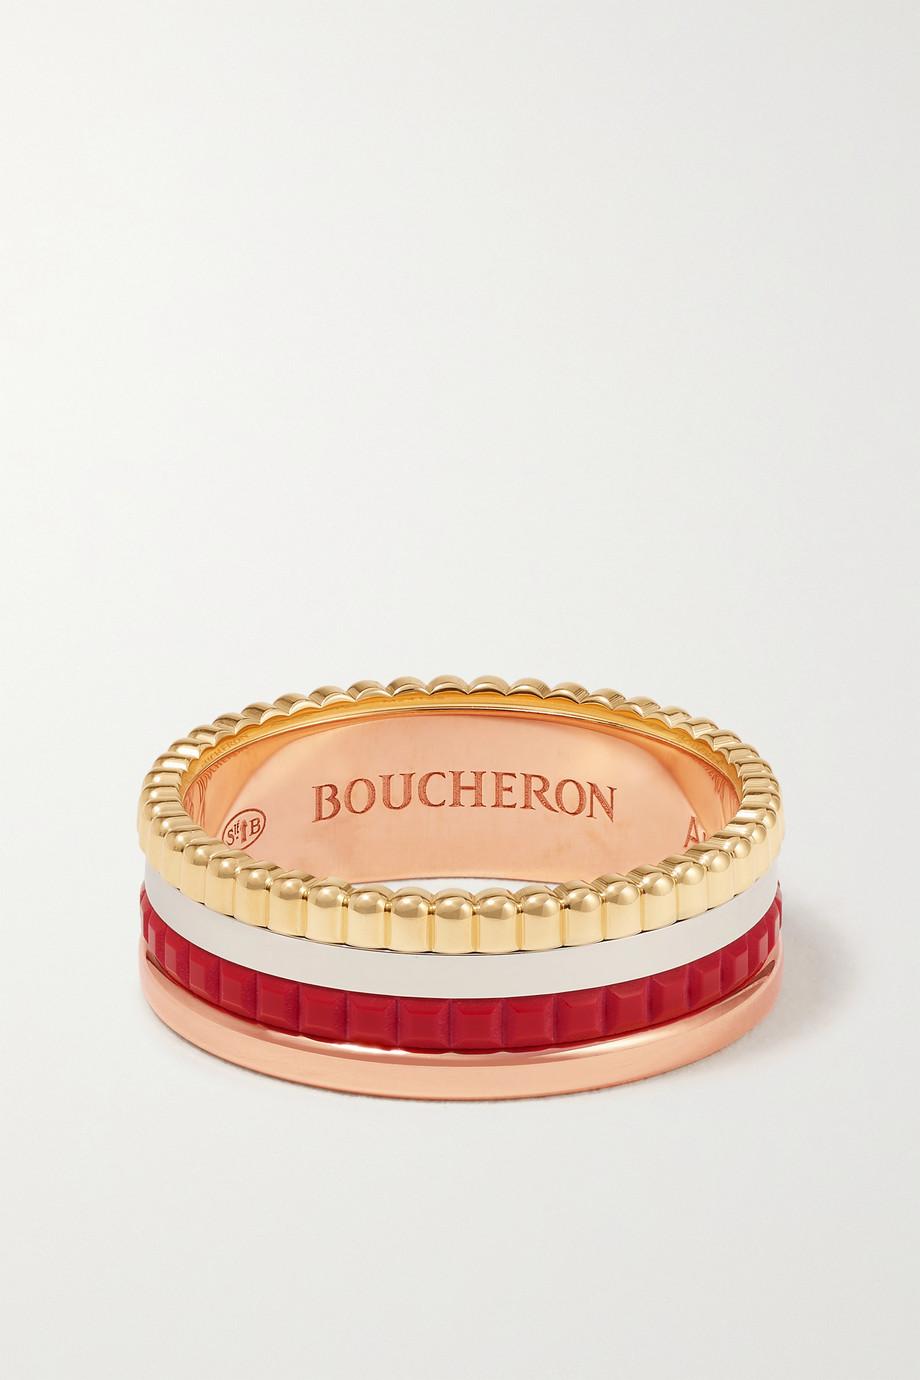 Boucheron Bague en or jaune, blanc et rose 18 carats et céramique Quatre Red Edition Small